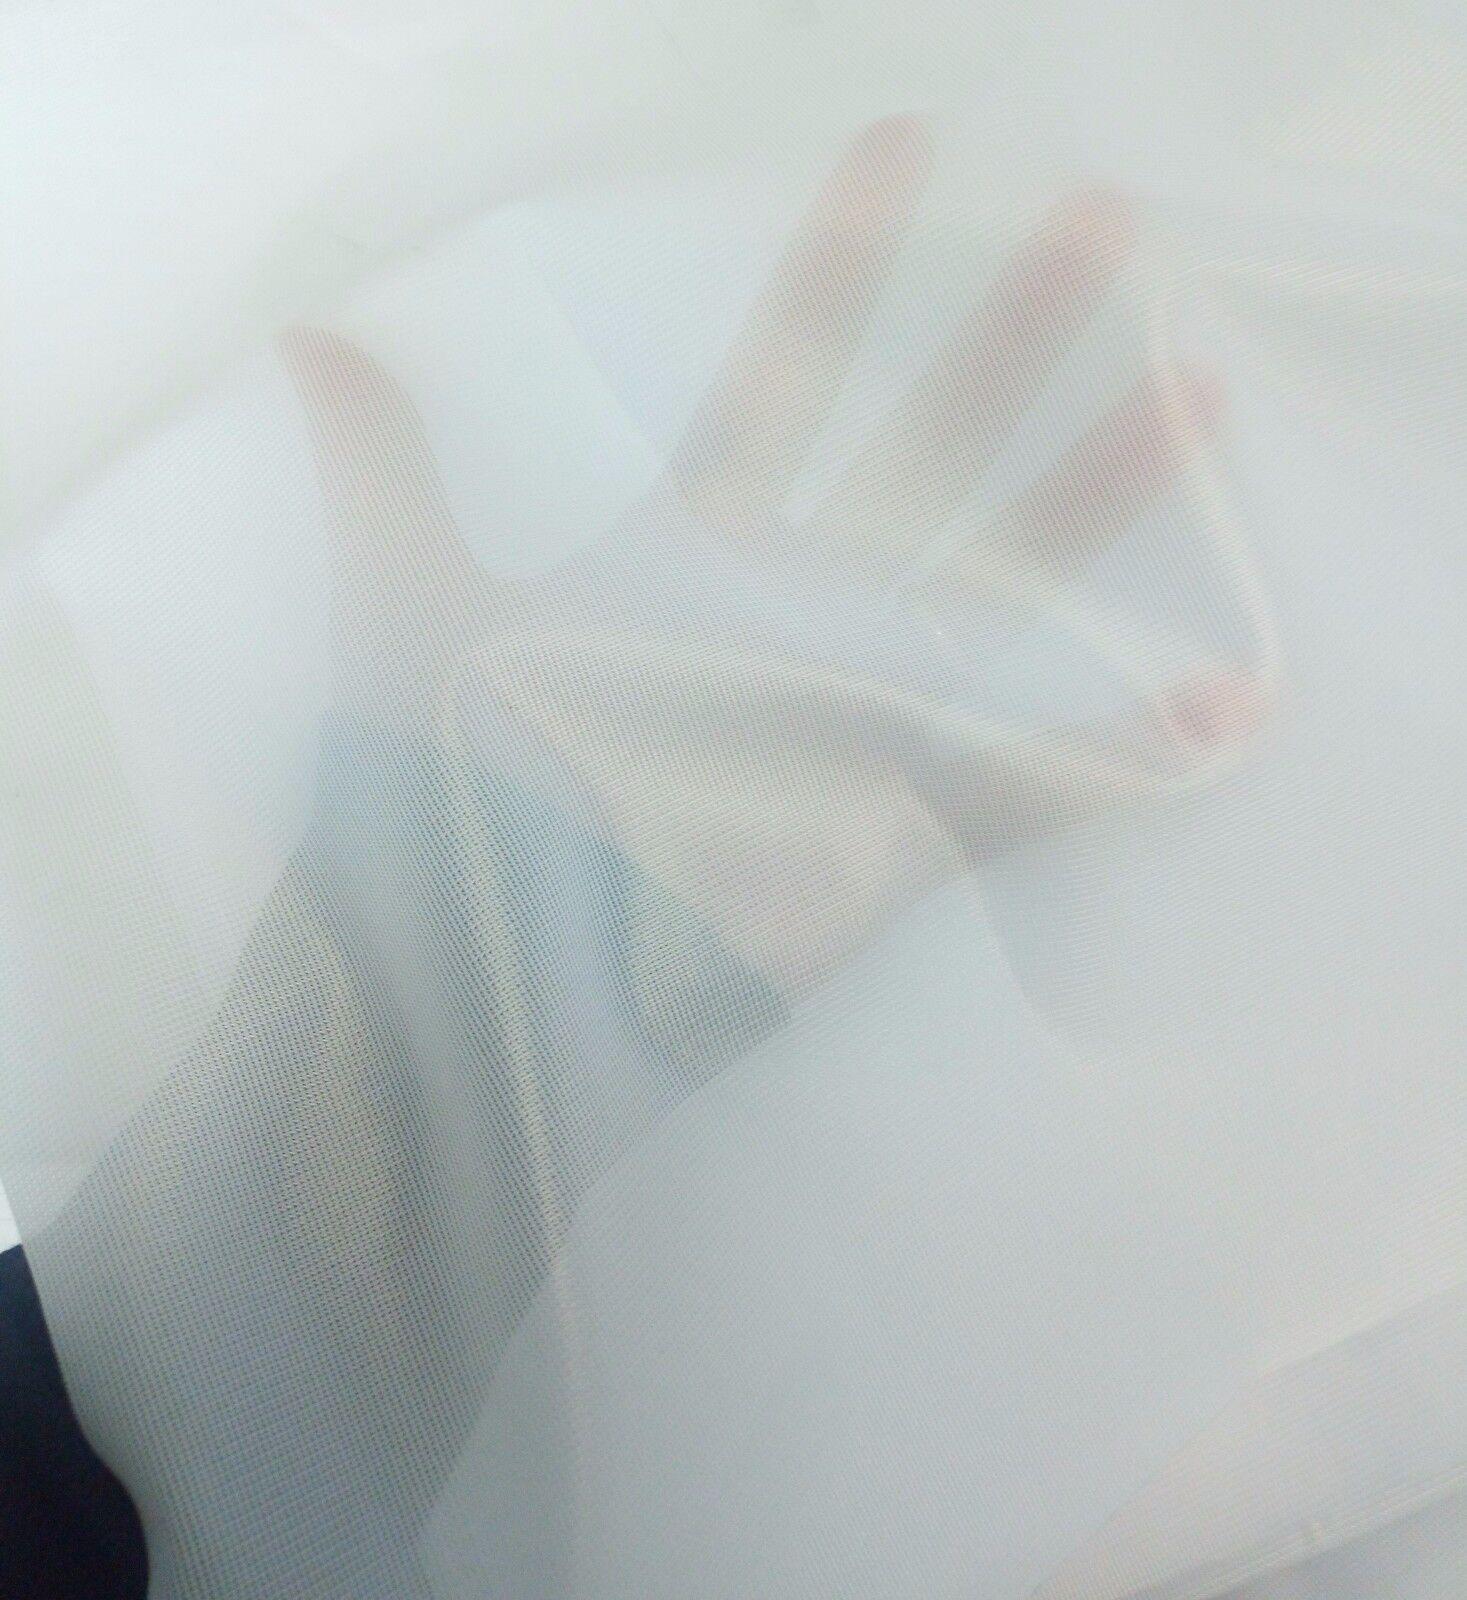 TENDA A PANNELLO PANNELLI SCORREVOLE SU MISURA - PANNELLI PANNELLO GIAPPONESI TENDA MODERNA 186ee2